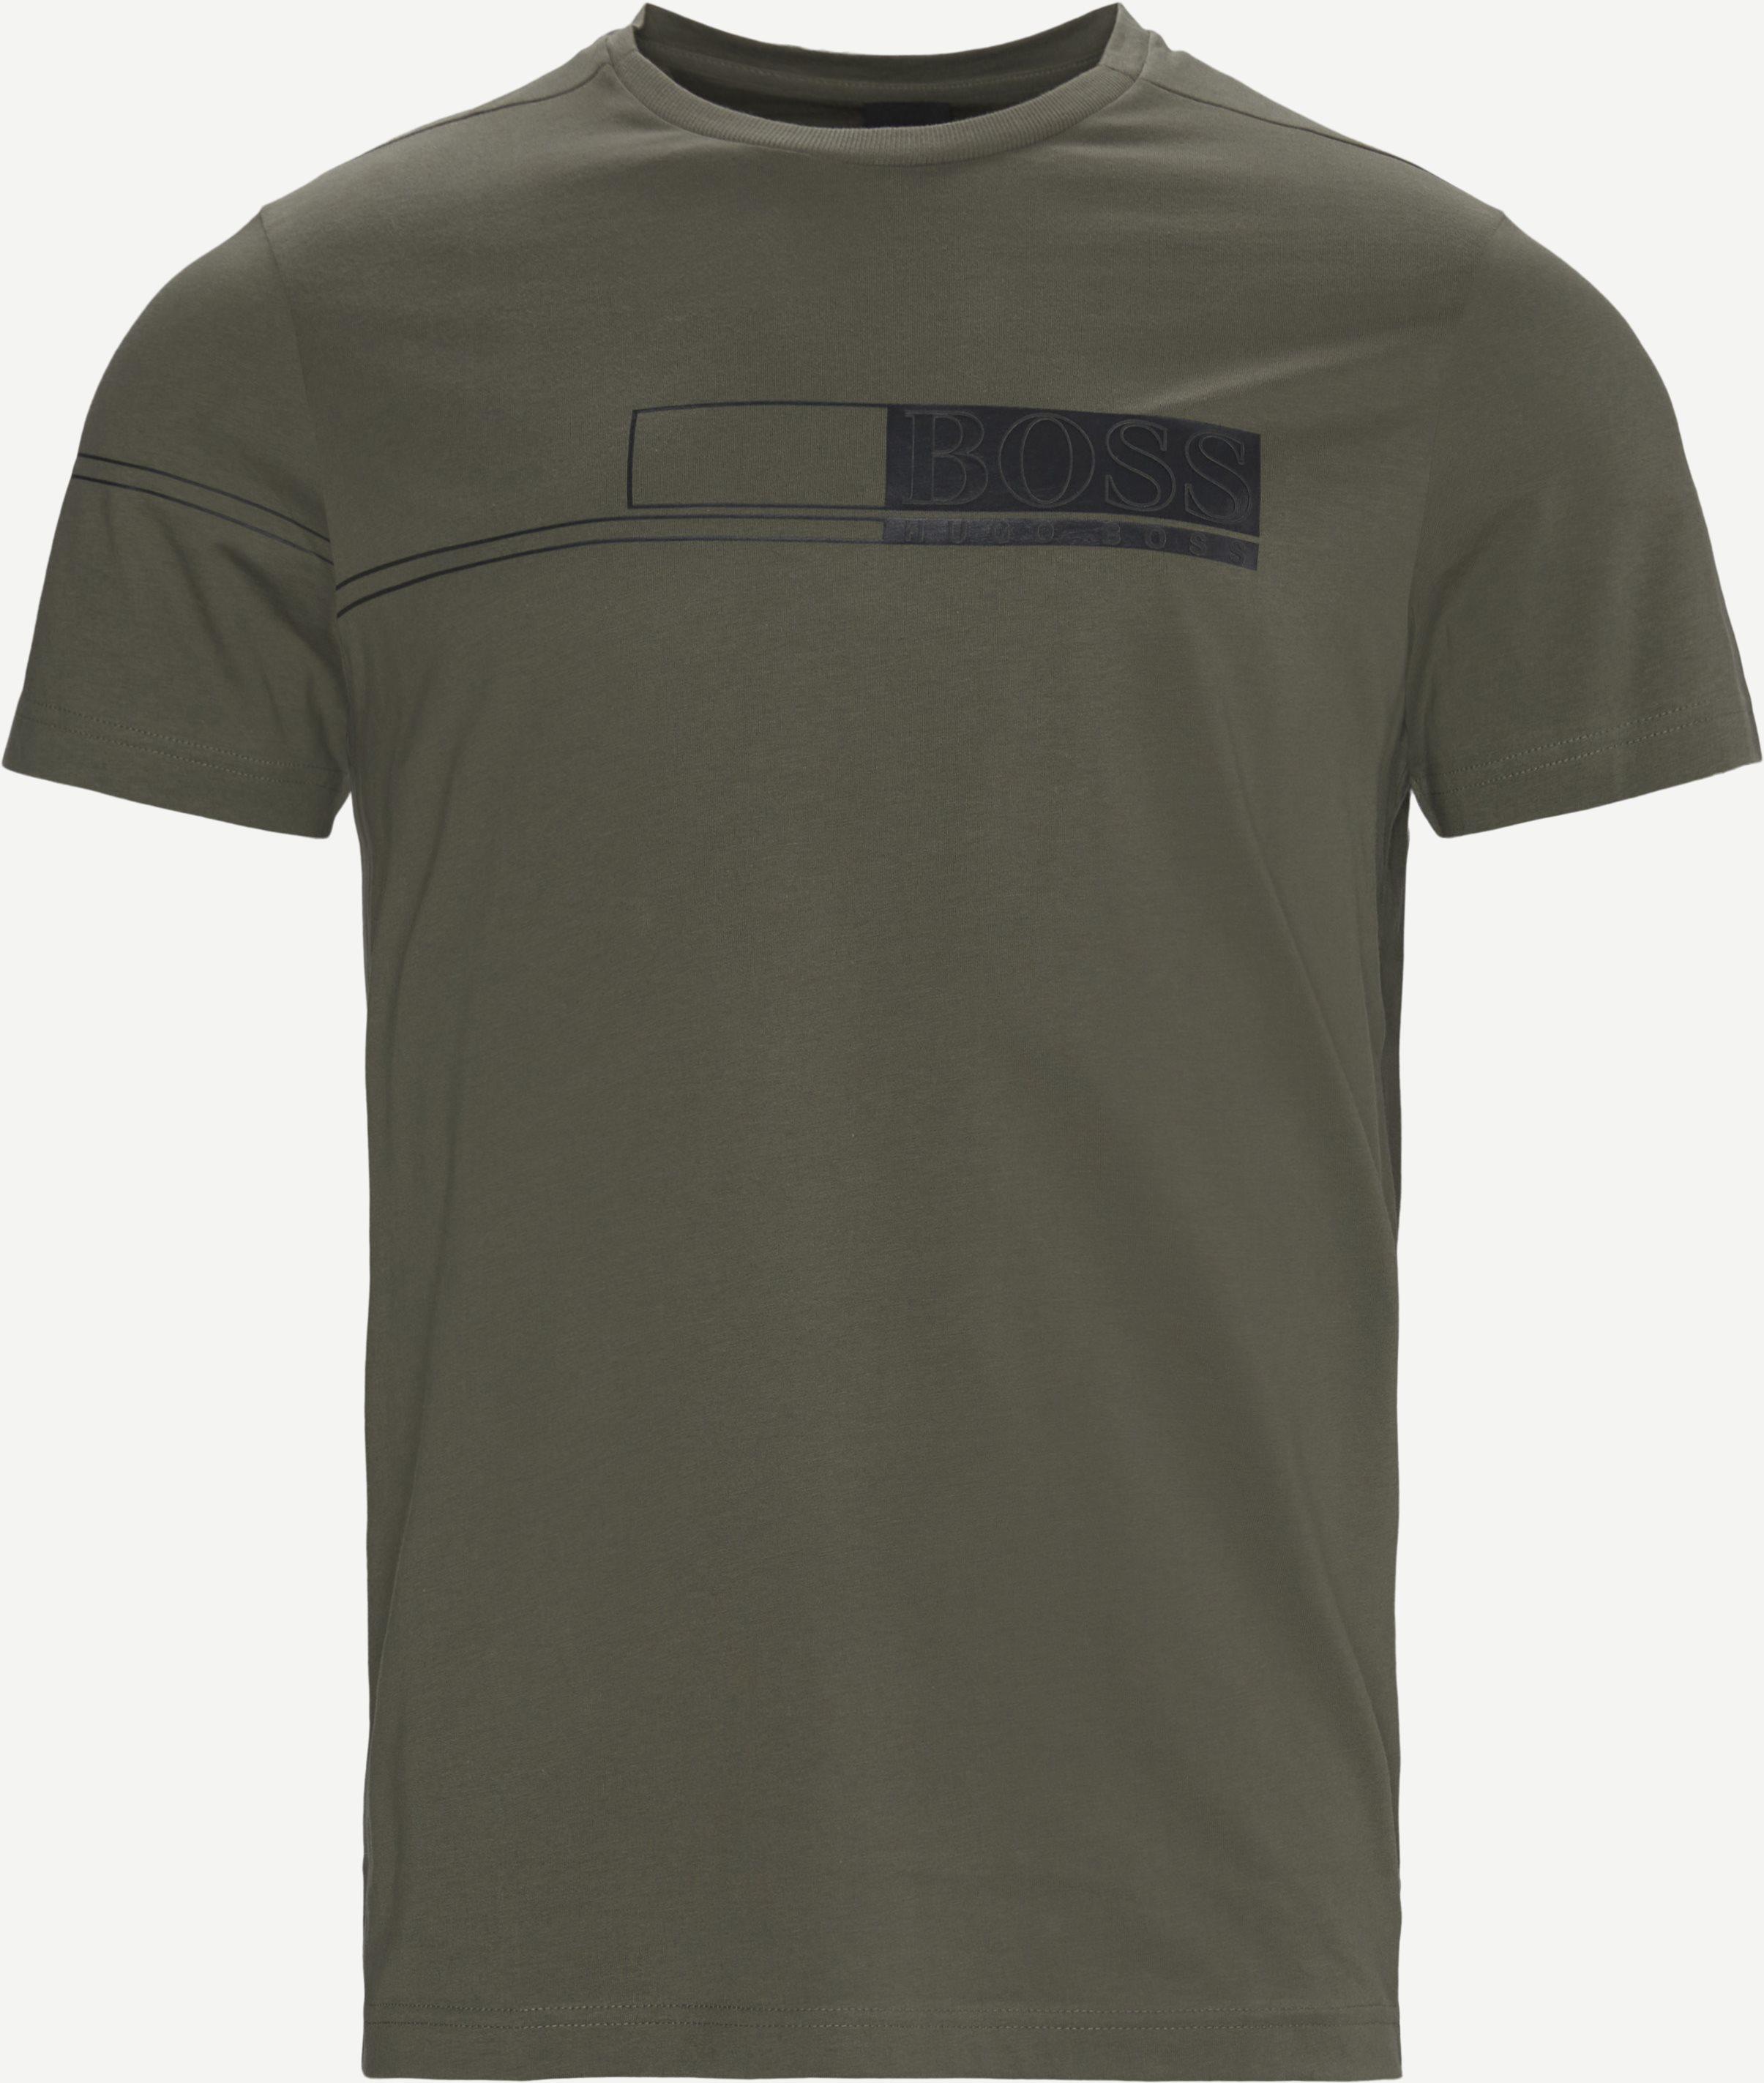 Tee 1 T-shirt - T-shirts - Regular - Grön